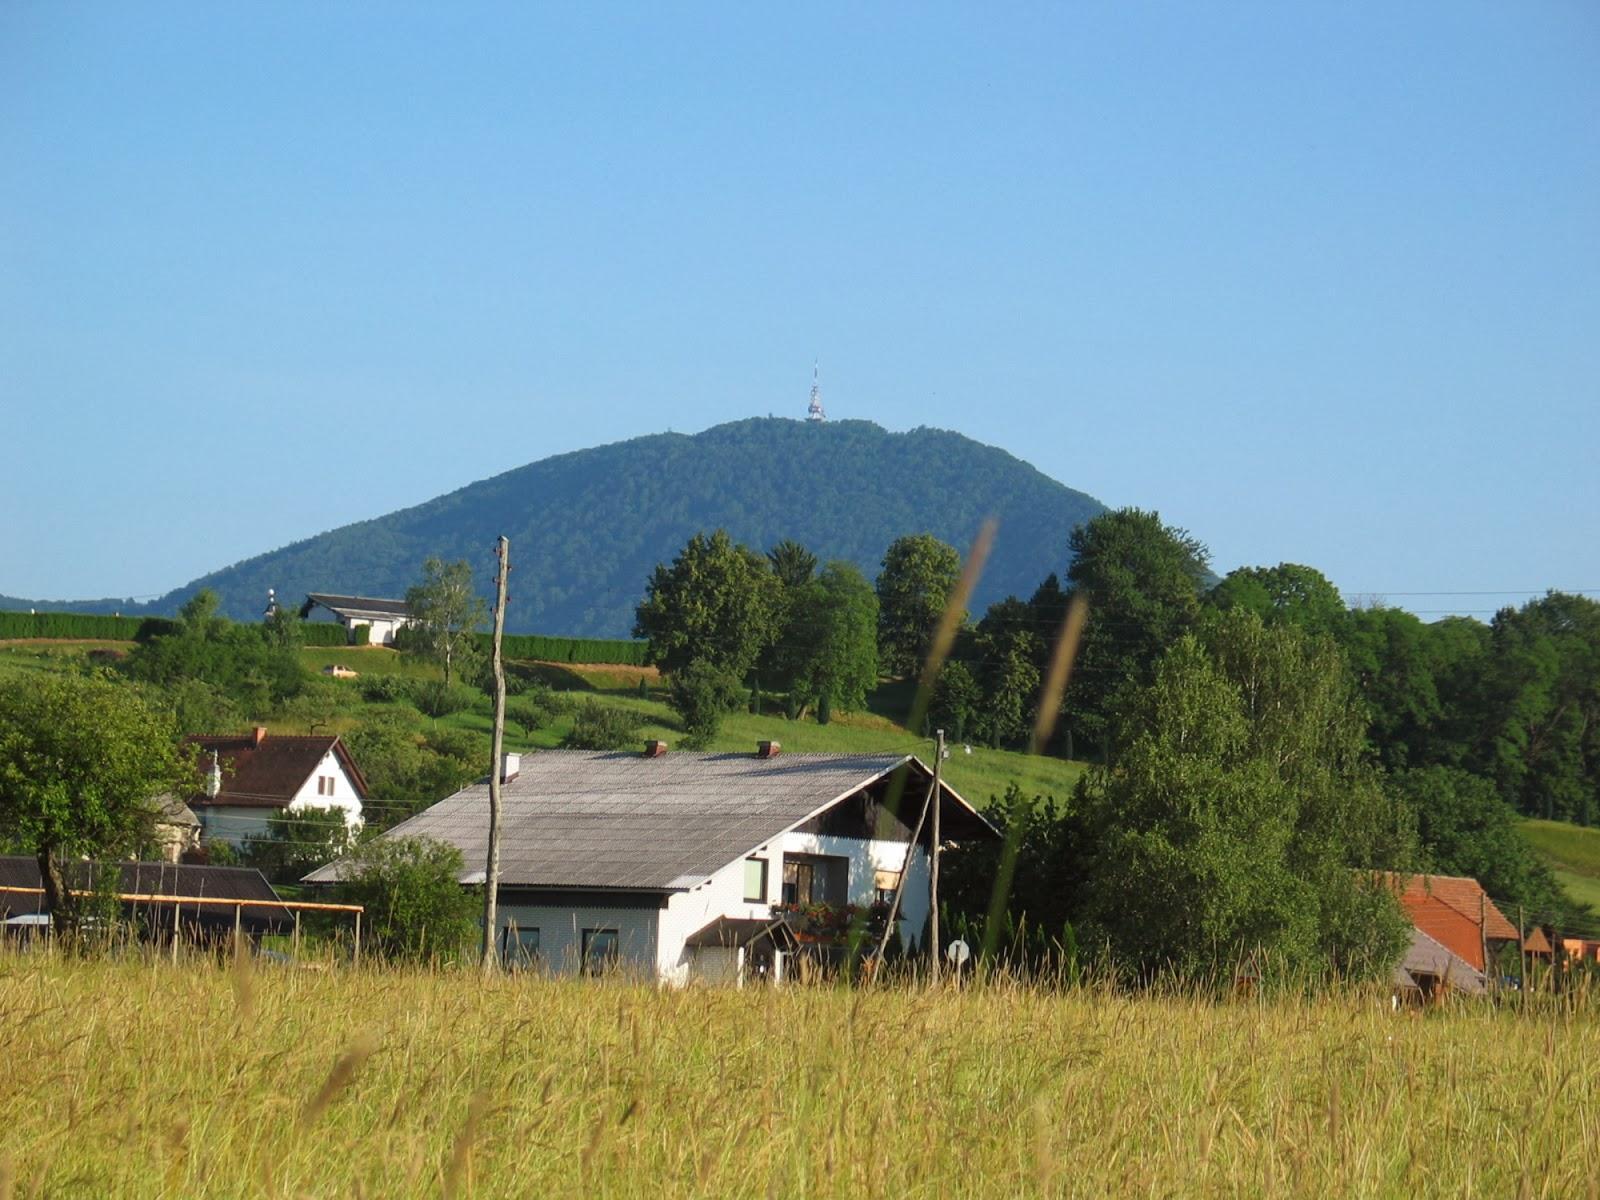 Državni mnogoboj, Slovenska Bistrica 2005 - Mnogoboj%2B2005%2B051.jpg